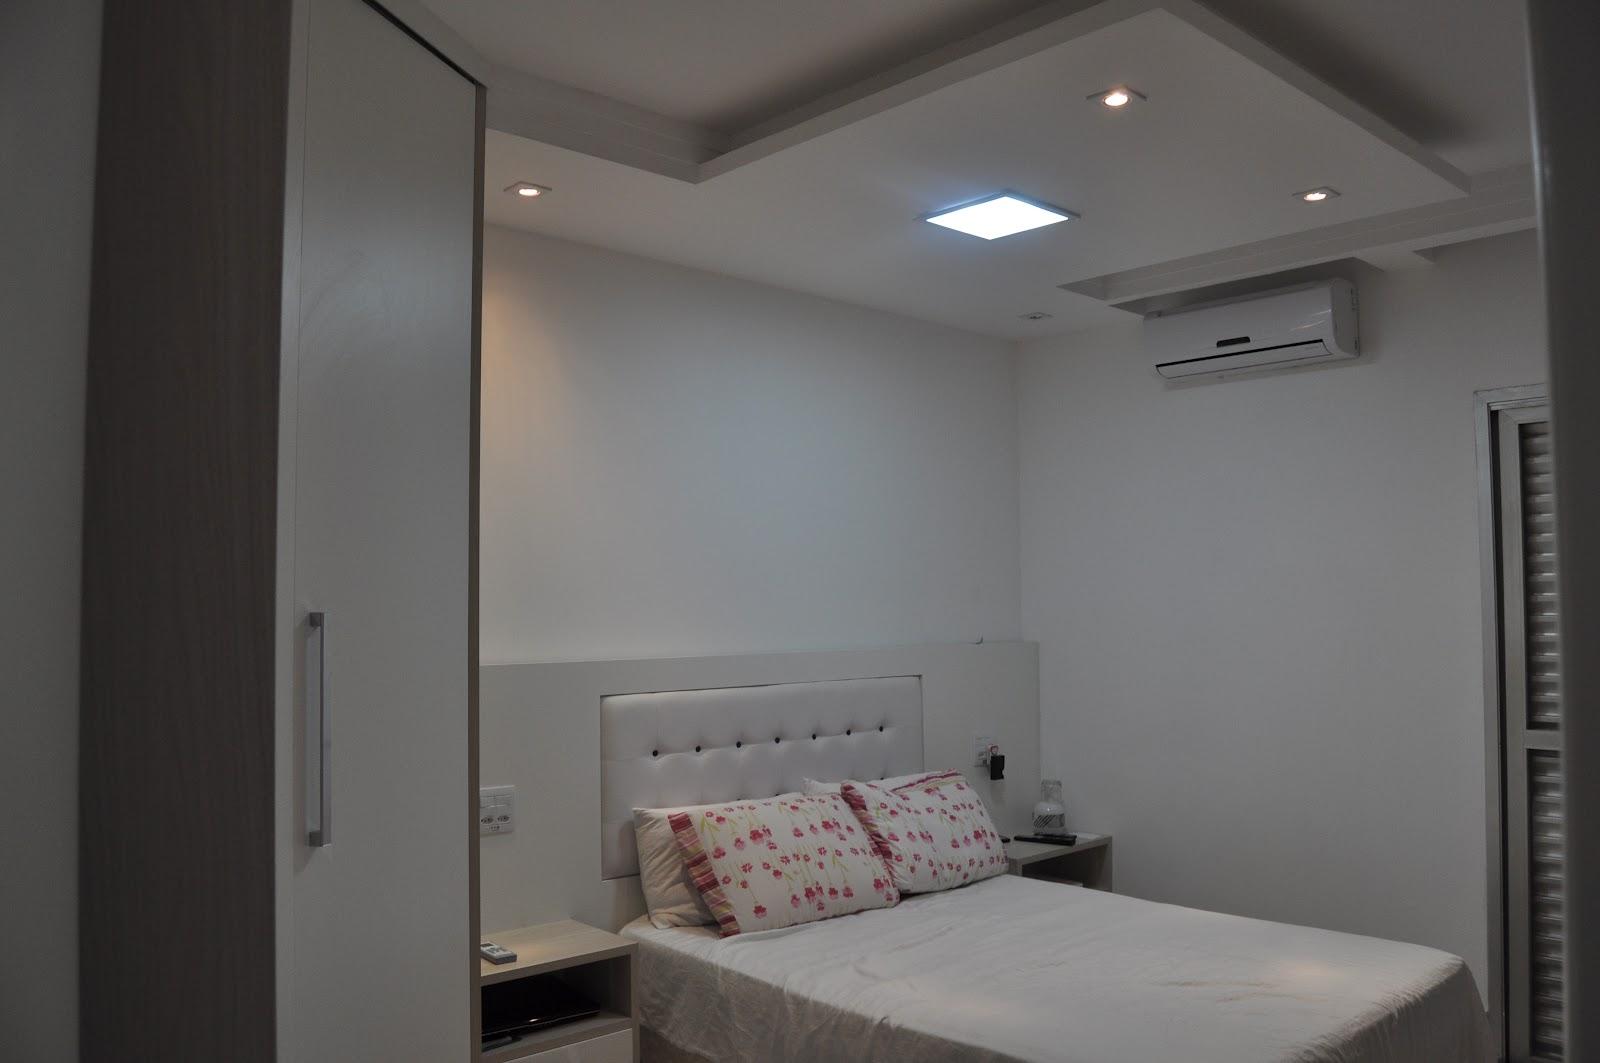 Apartamento 2 dormitórios em Bauru/SP Projeto e Execucao Designer  #4A6481 1600 1063